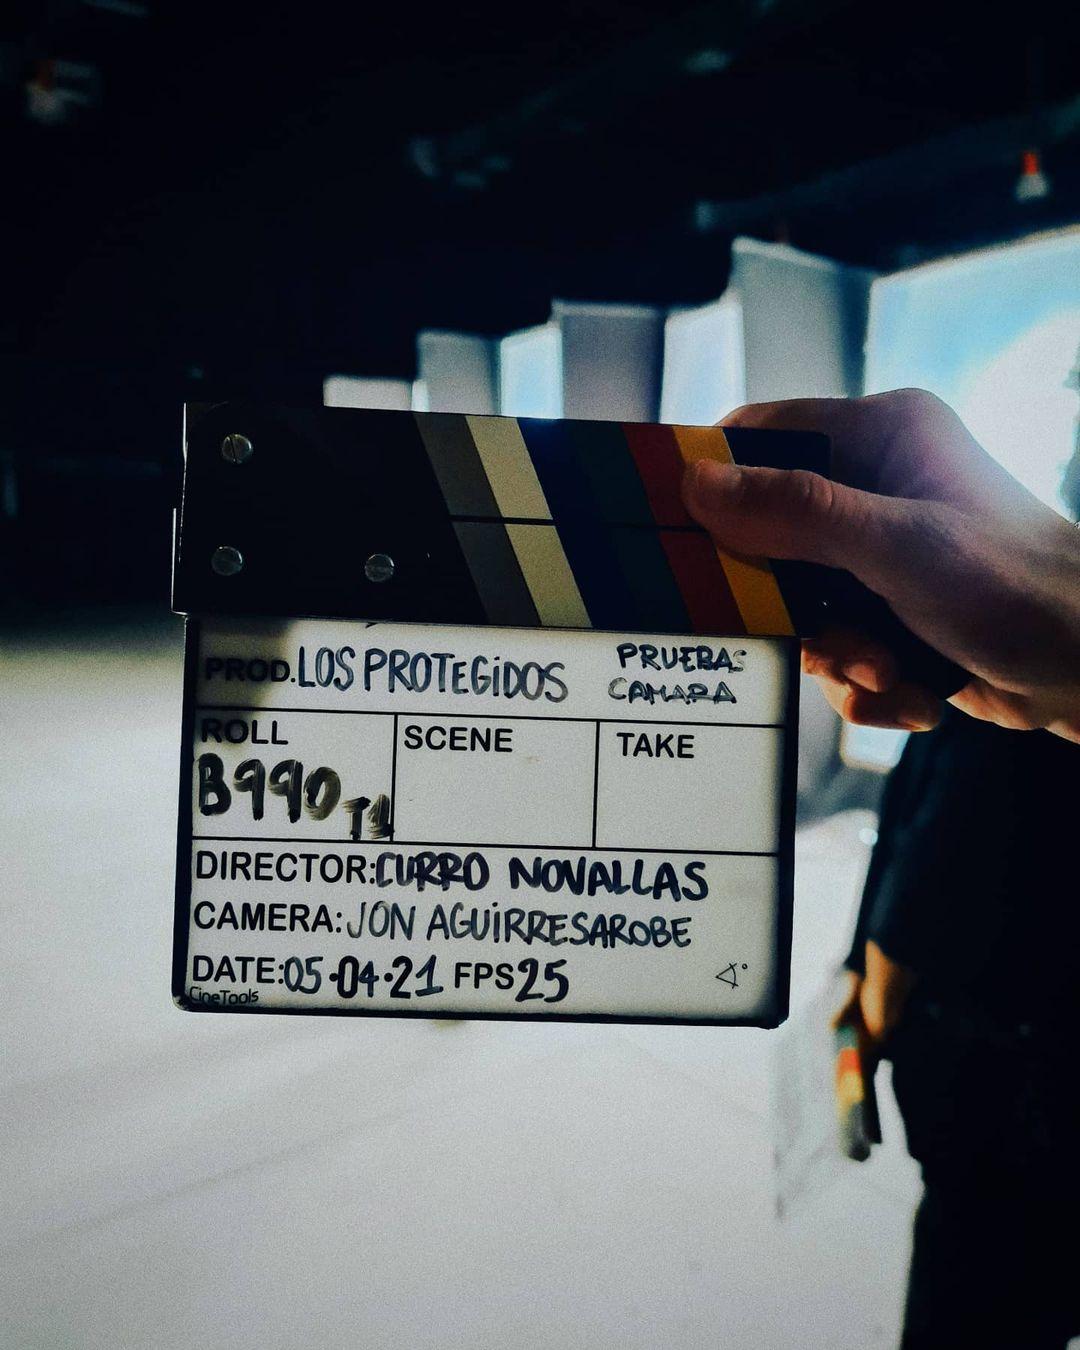 The filming of 'Los Protegidos: El regreso' starts